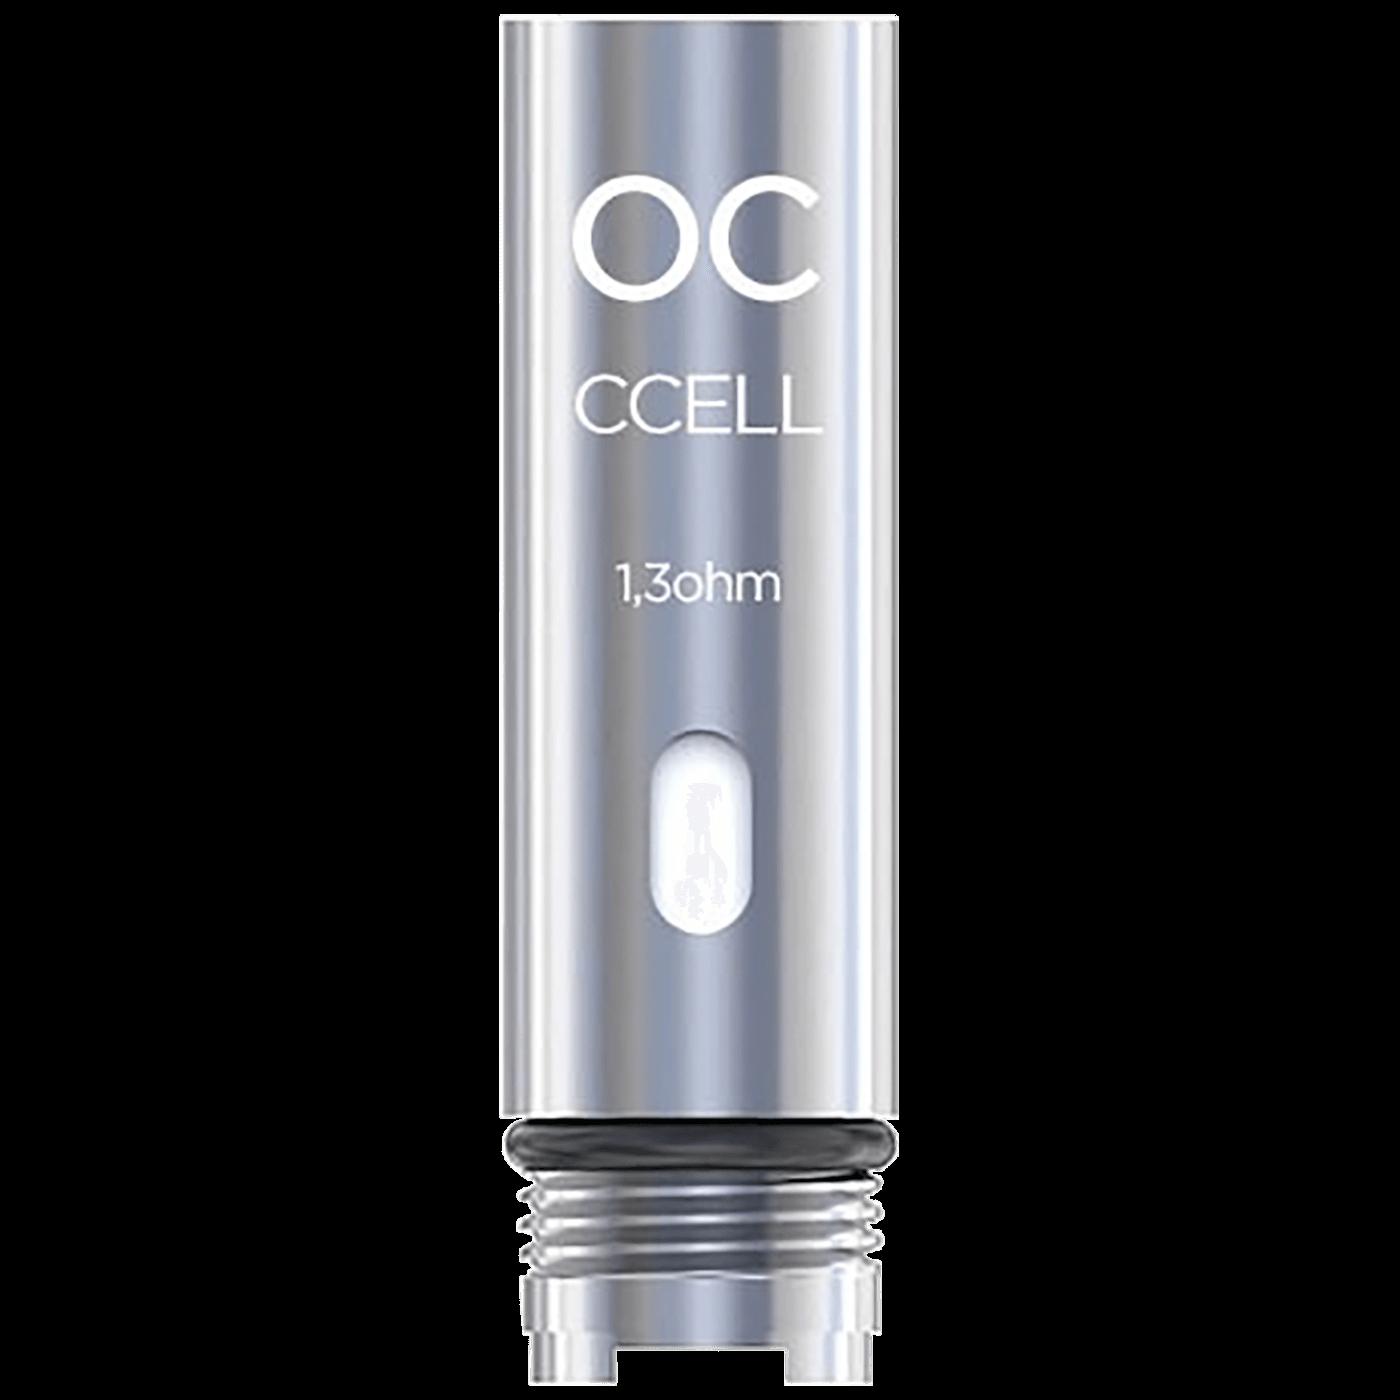 Grijač za e-cigarete, 1.3 Ohm 0C